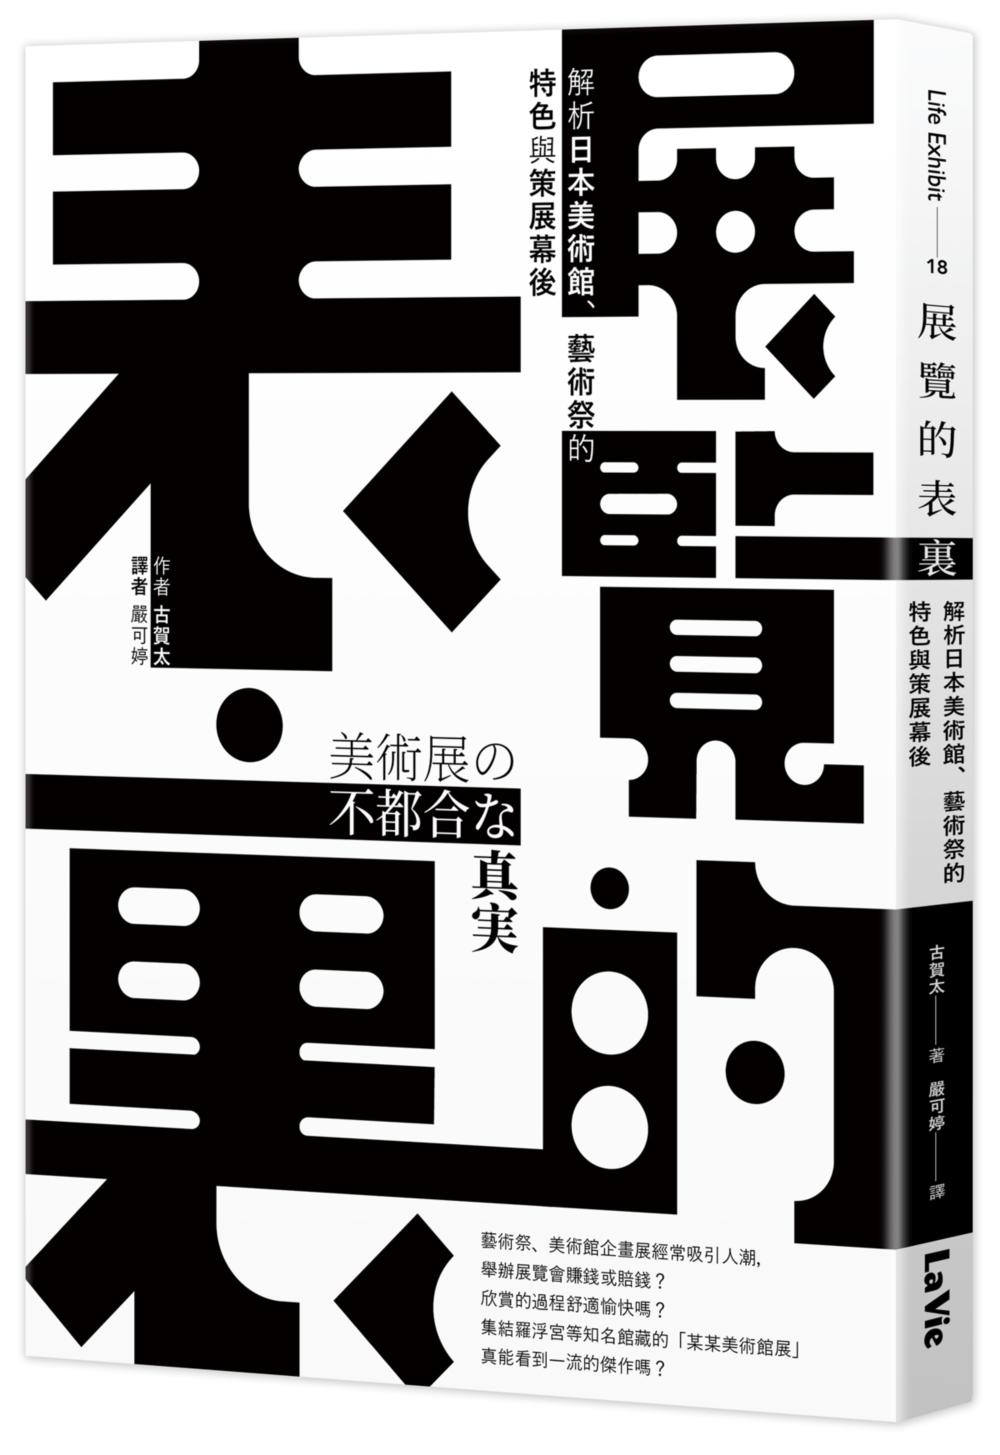 展覽的表裏:解析日本美術館、藝...